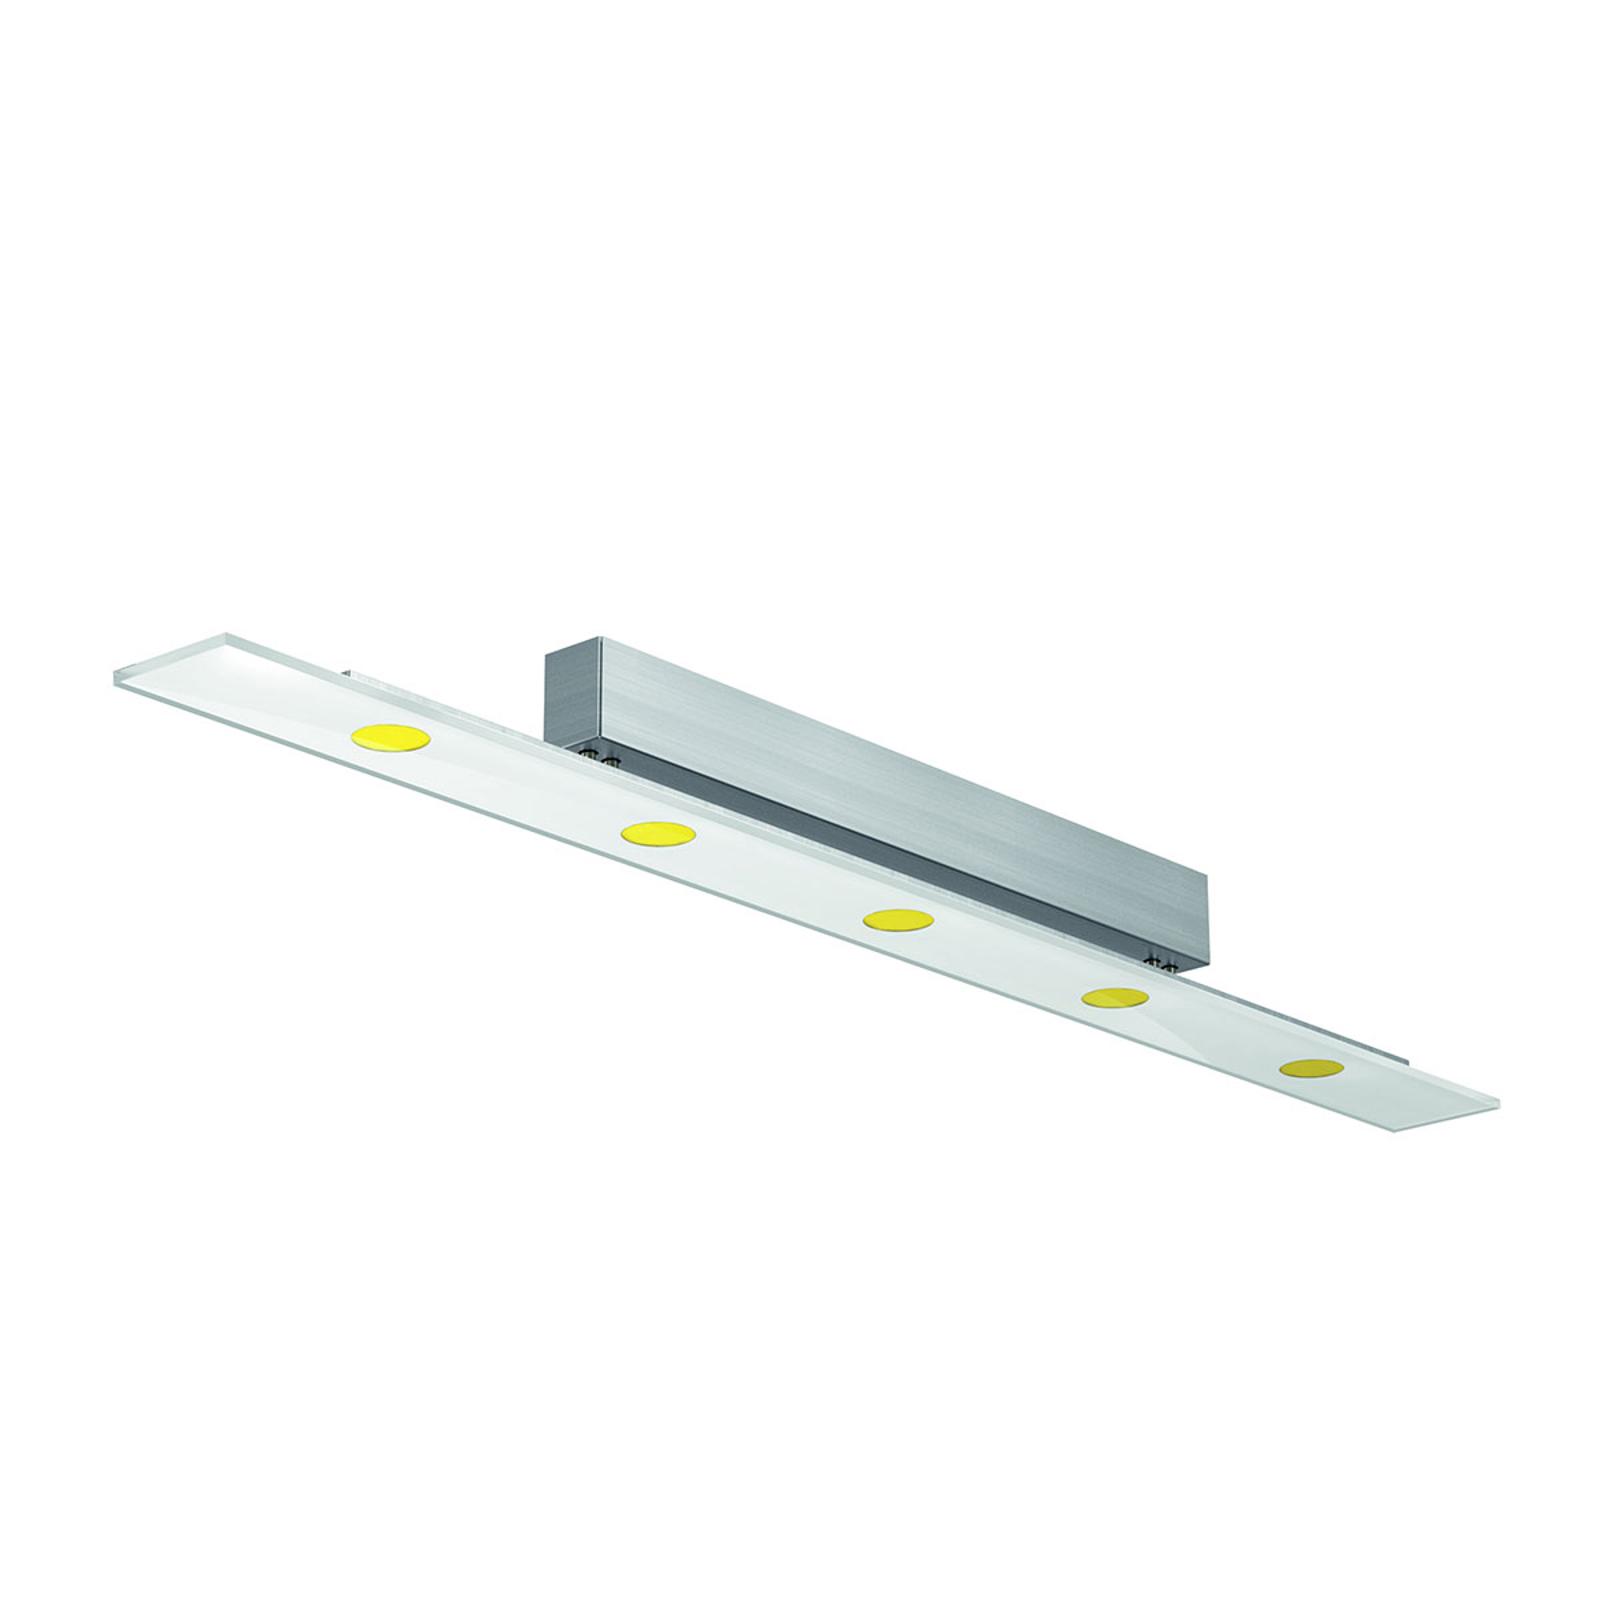 LED-taklampe Sun med ESG-glass på 110 cm